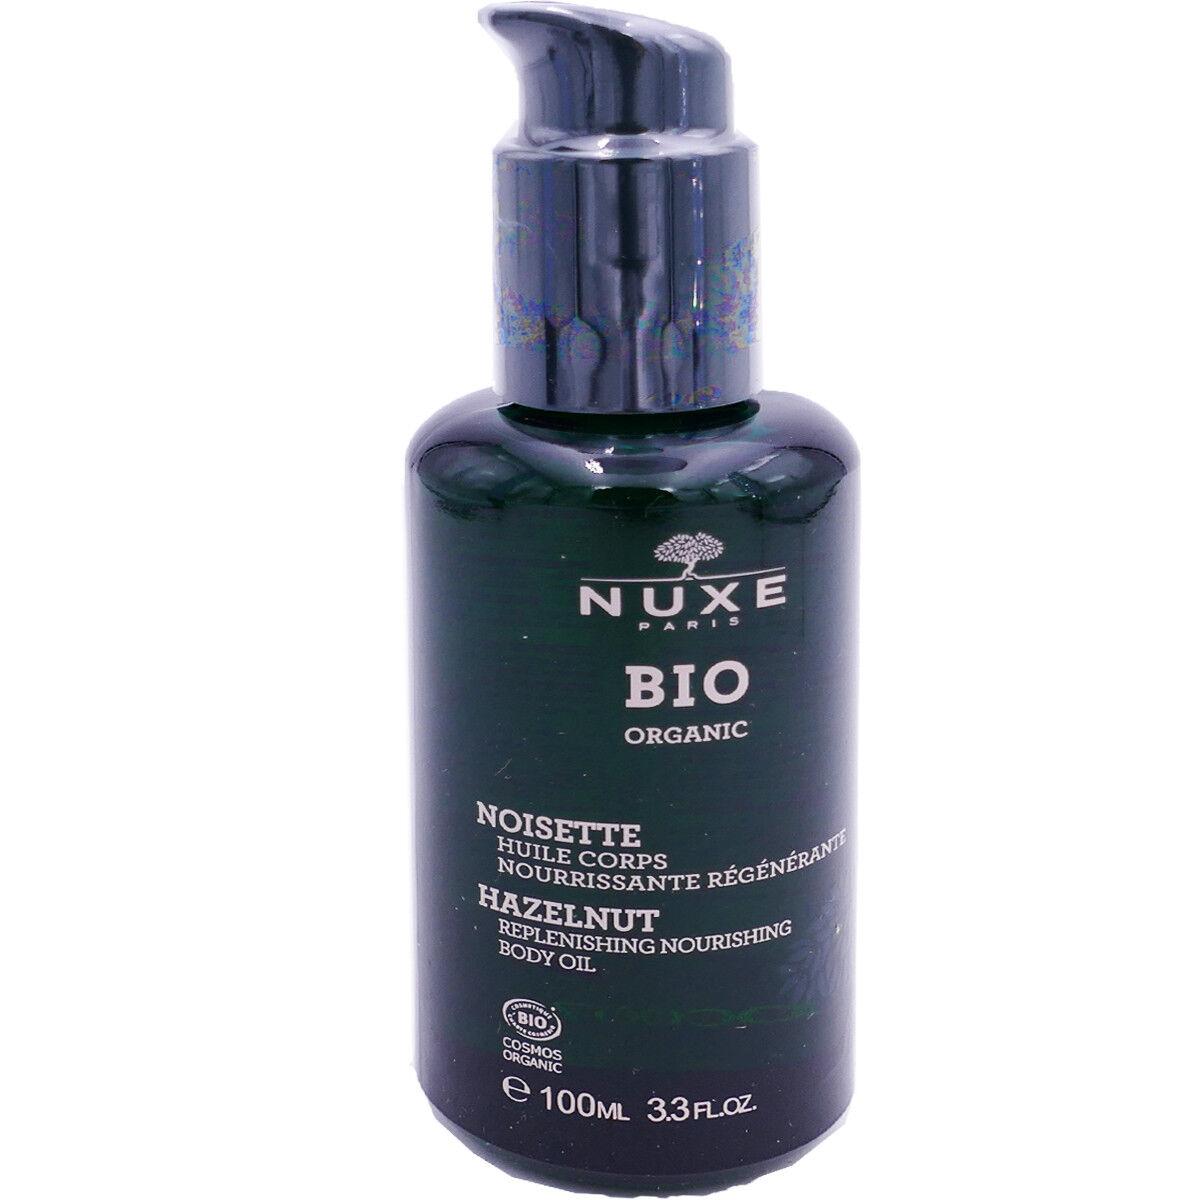 Nuxe bio noisette huile corps 100 ml